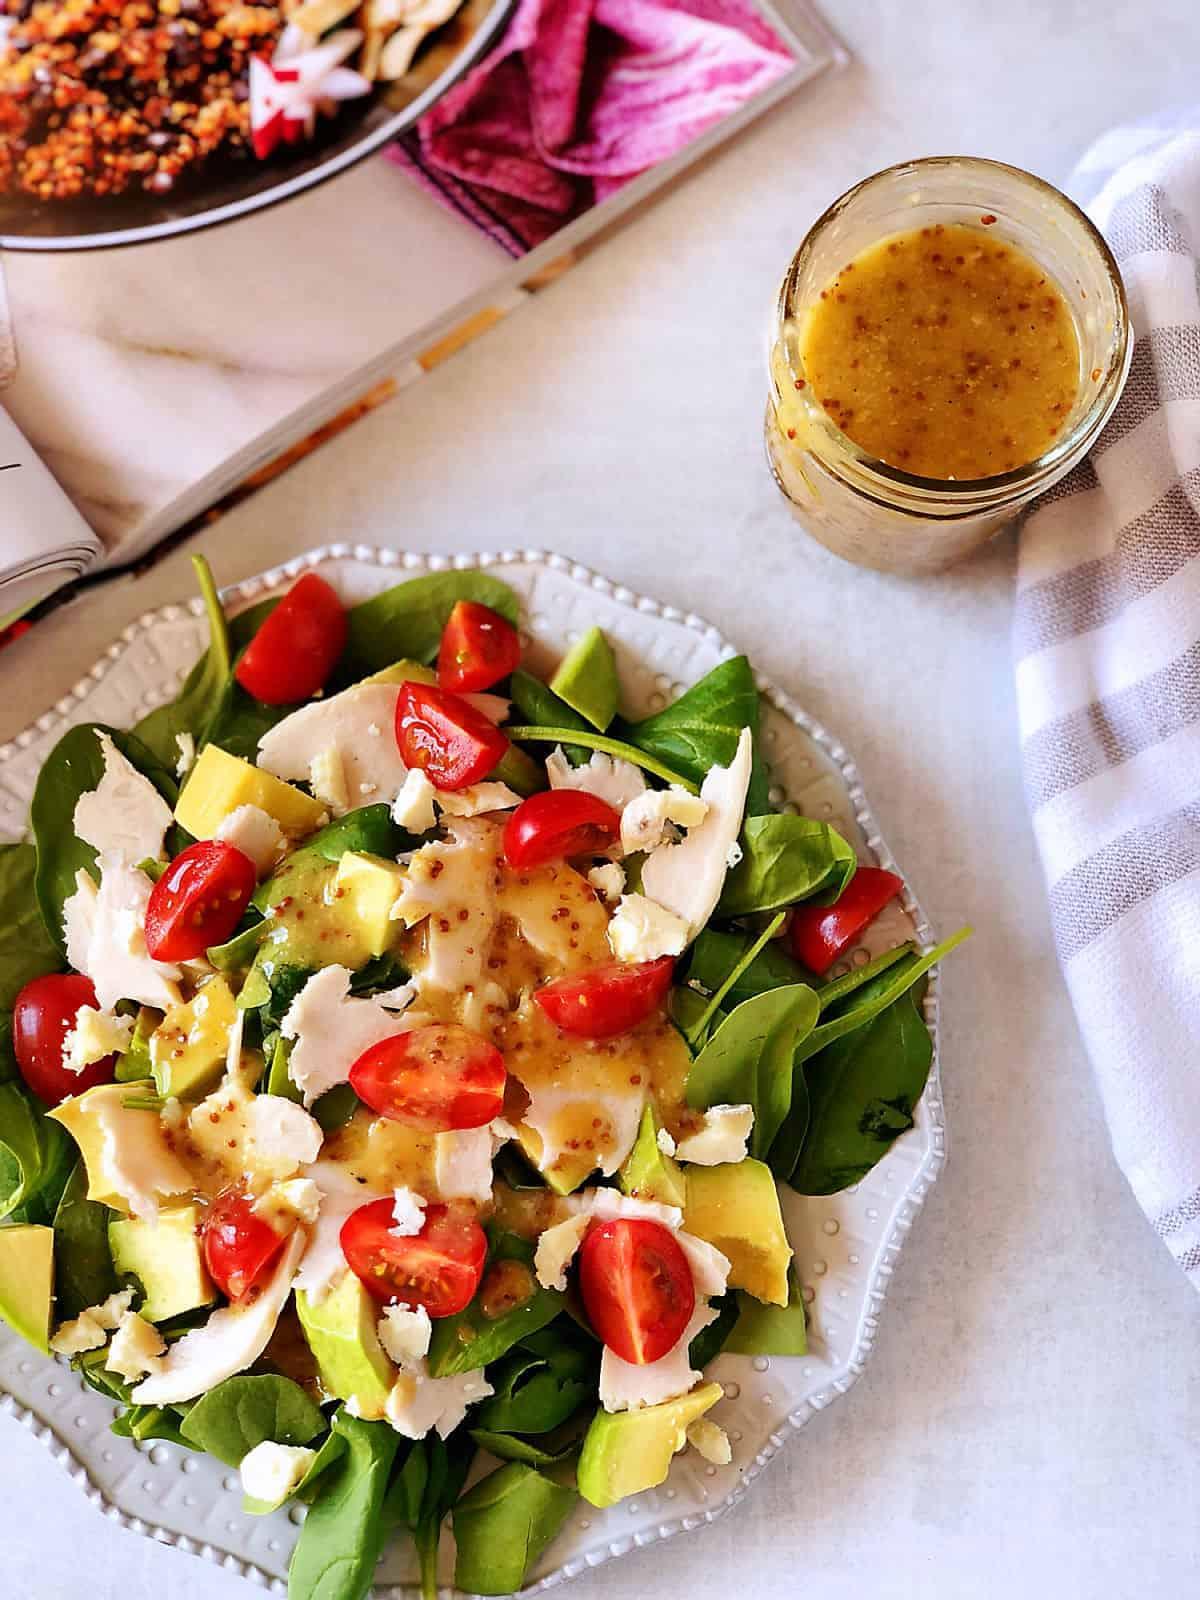 無糖檸檬芥末沙拉醬 -只要5樣材料,搖一搖就完成-無蛋無奶-低碳生酮